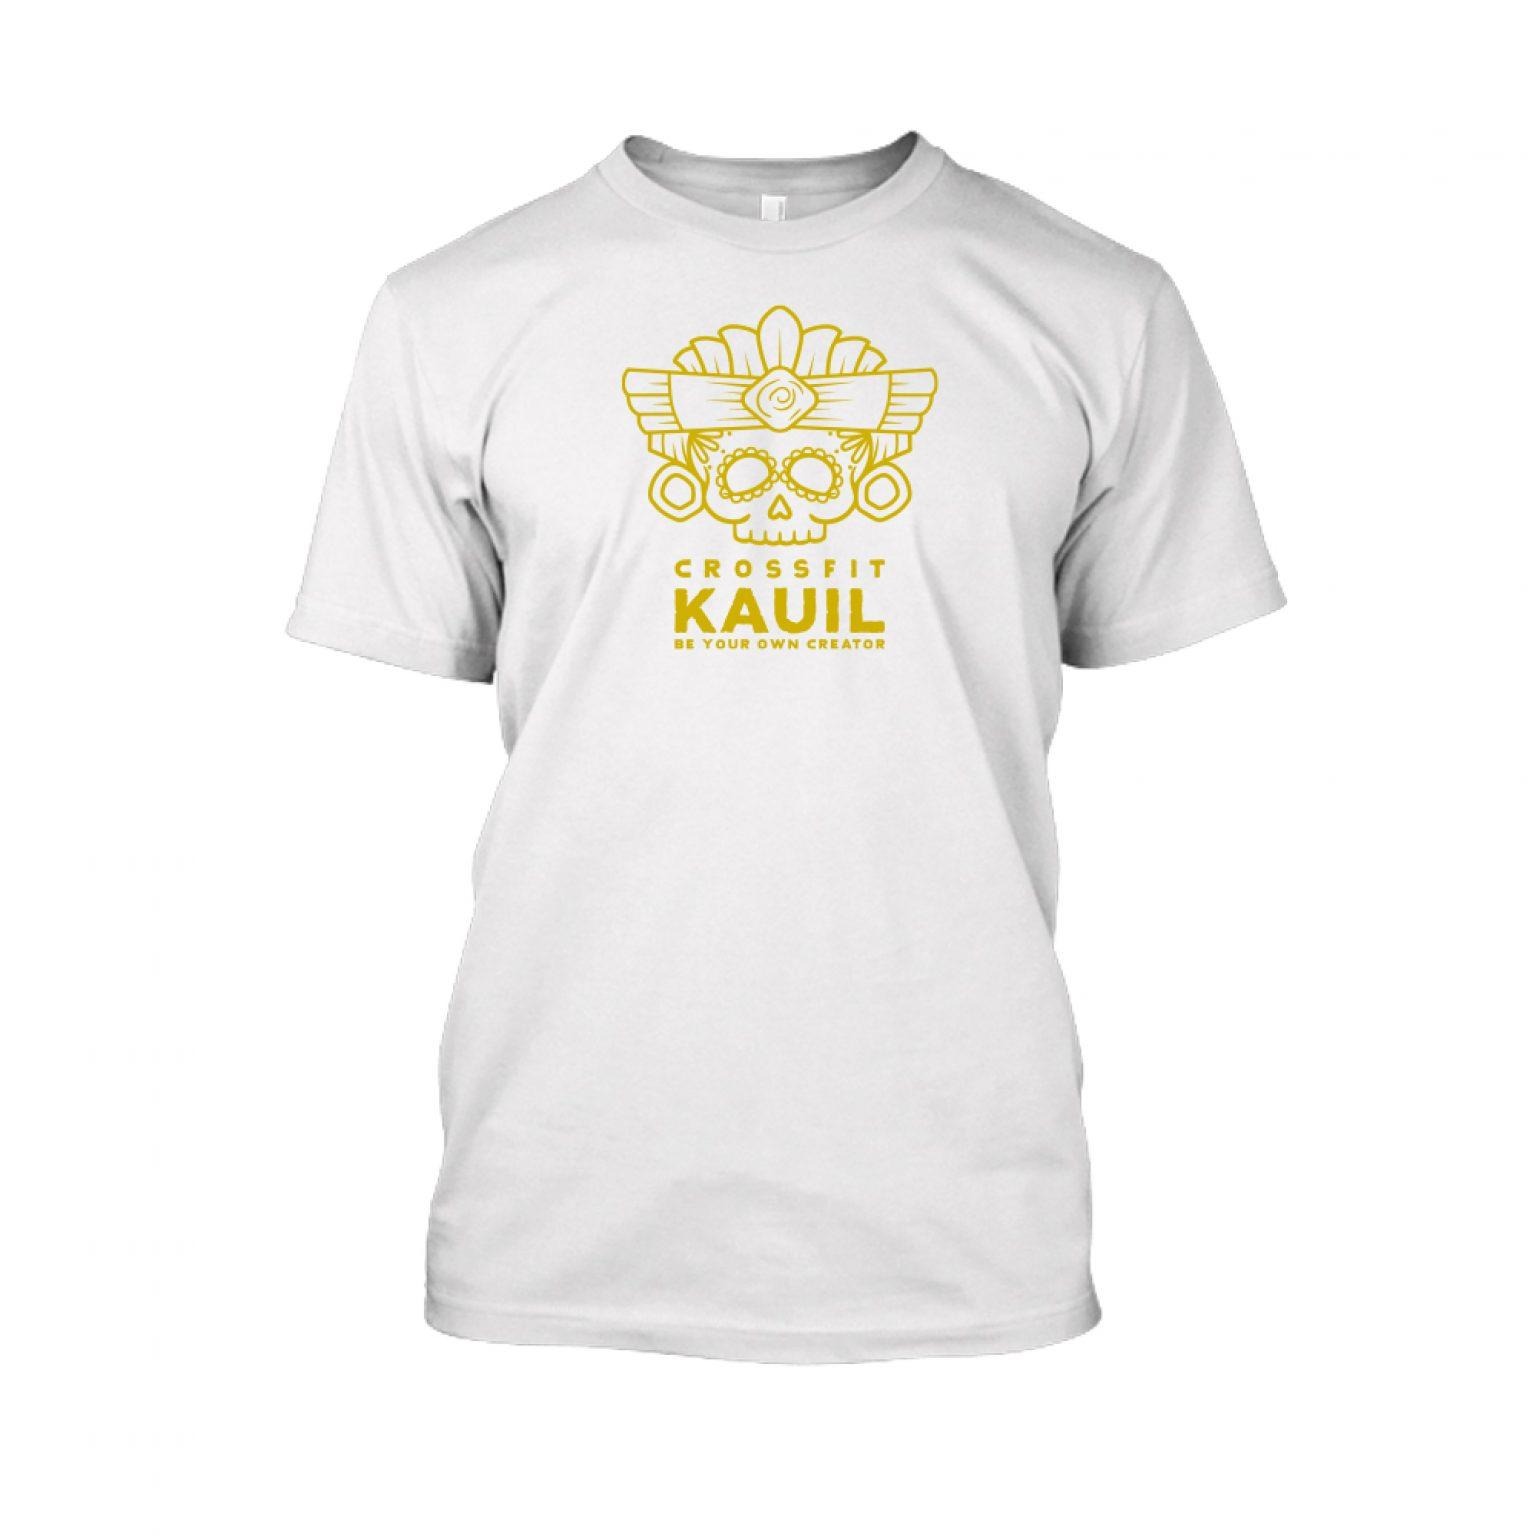 Herren Shirt Weiss gold front 1